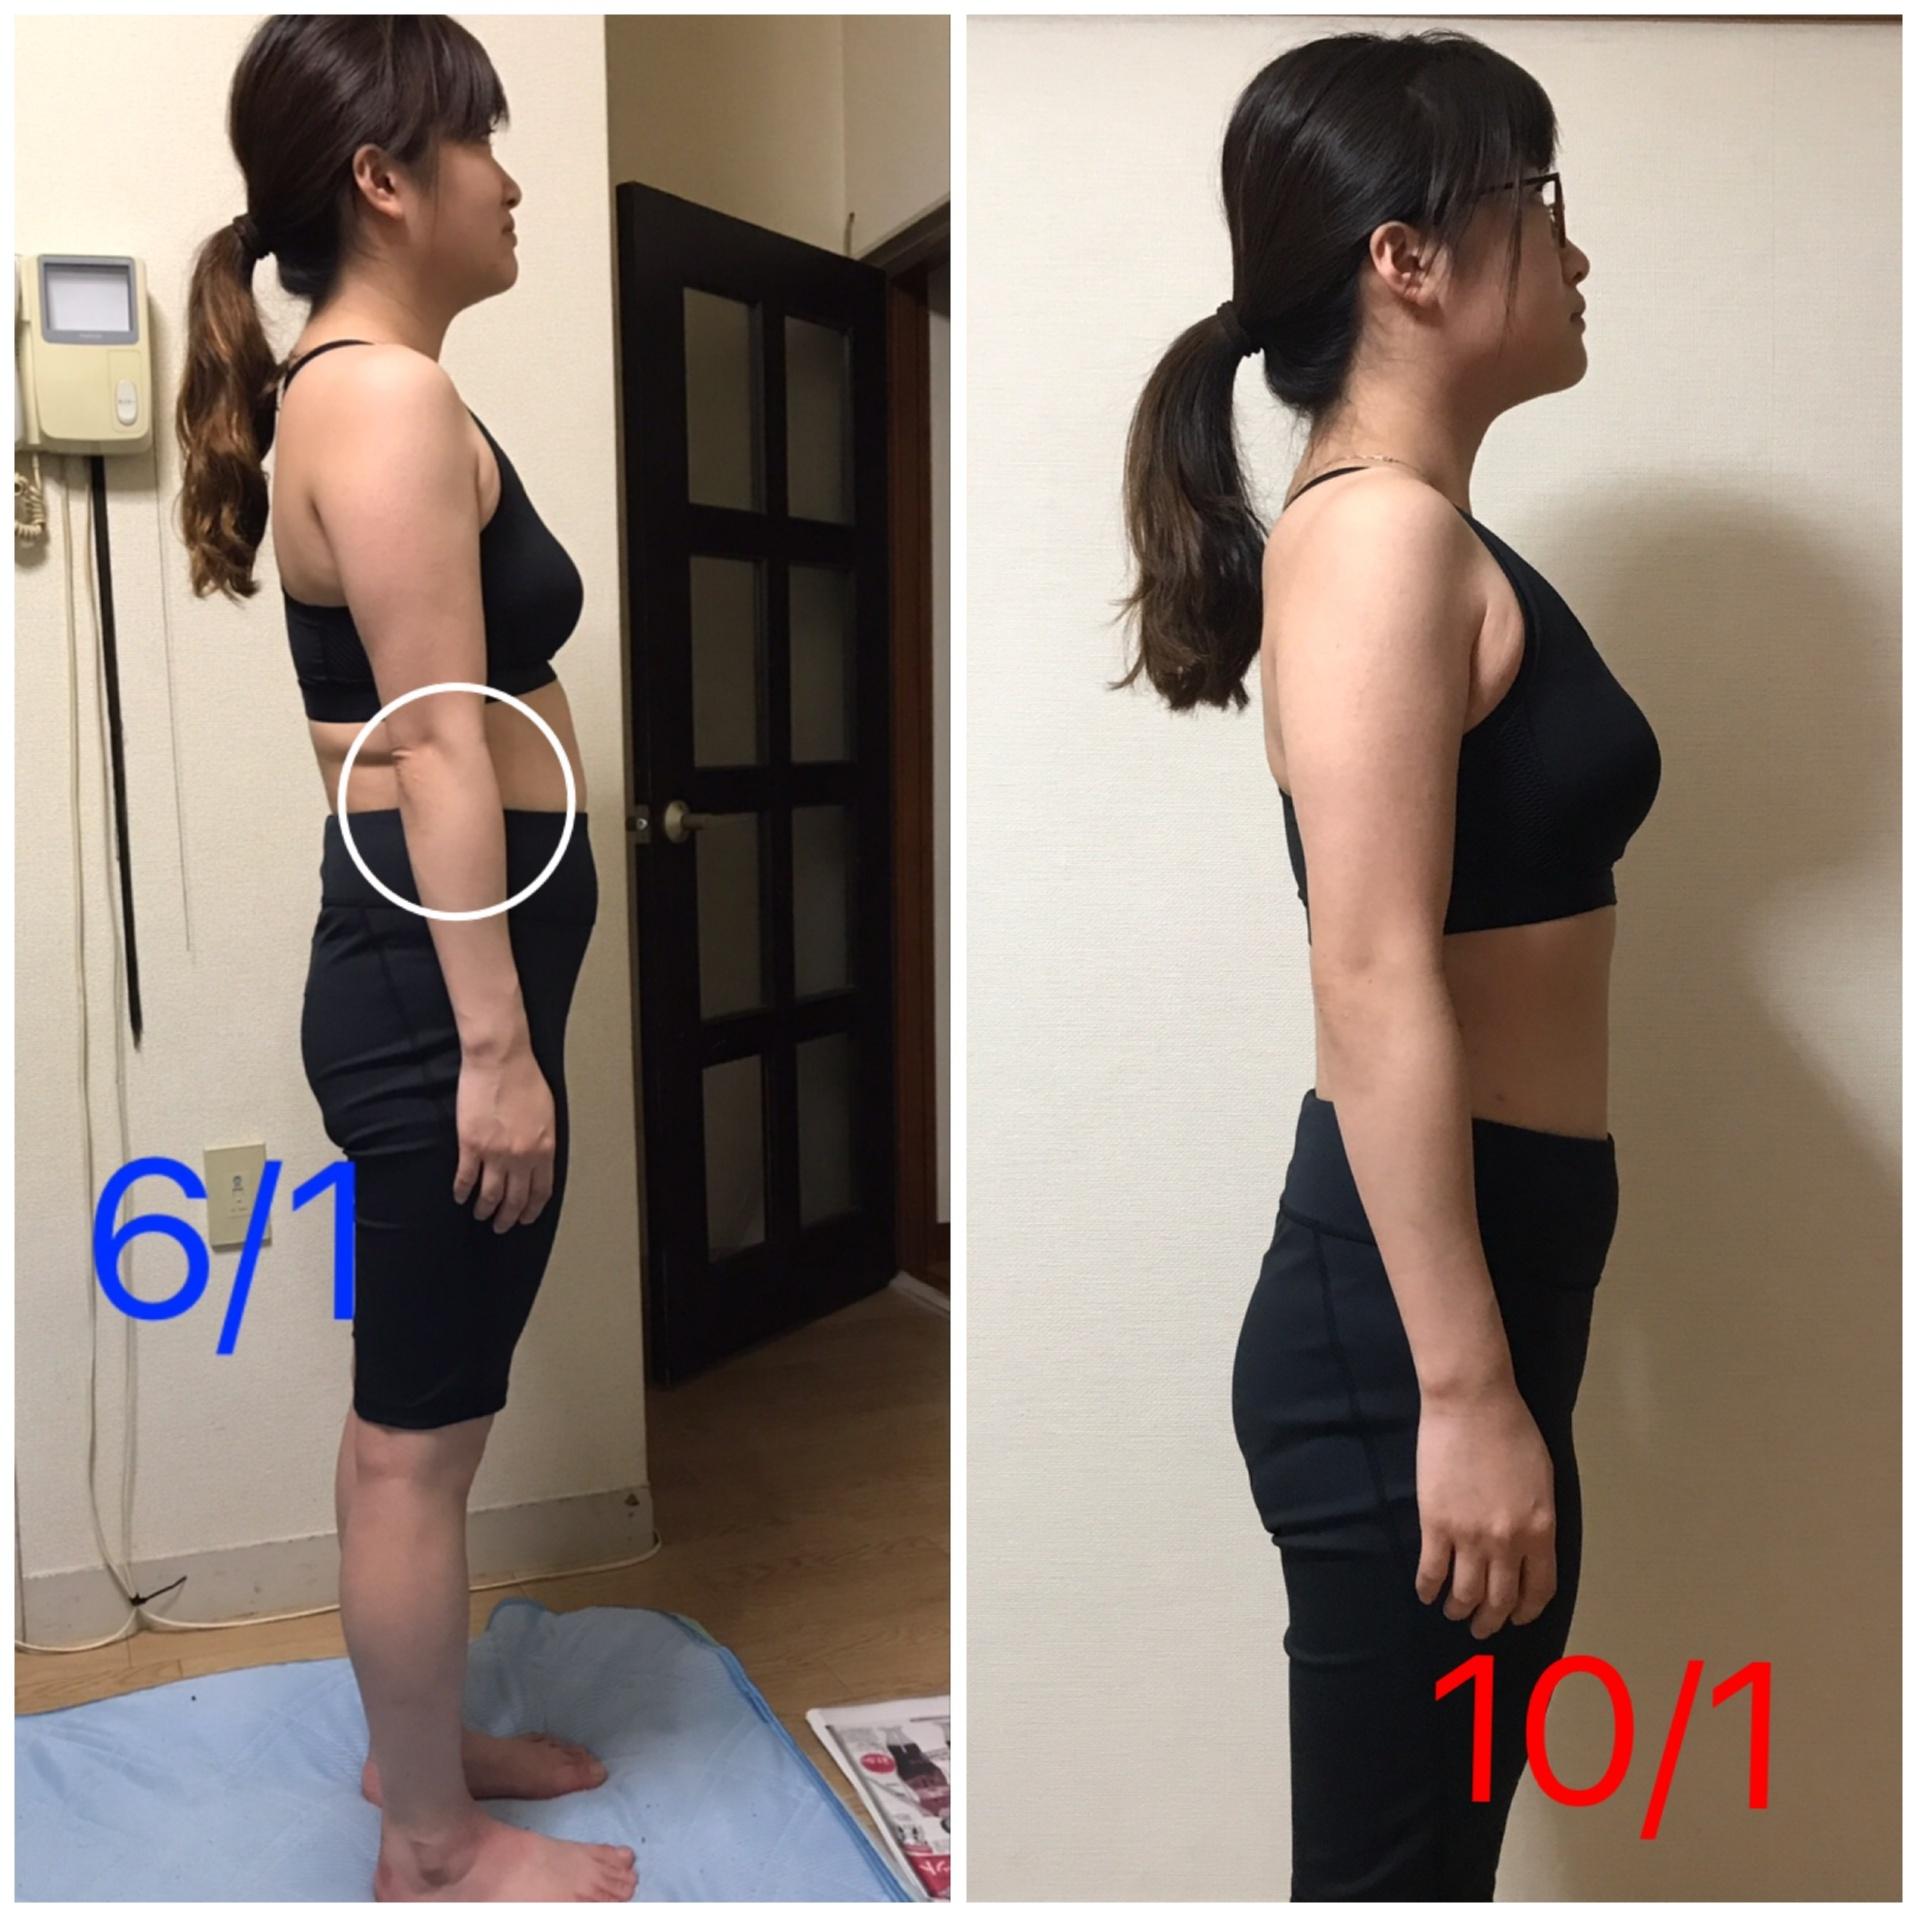 【9月の結果報告】スタートから-6.6キロ! 目標達成まであ、あと0.4キロに♪【#モアチャレ 7キロ痩せ】_7